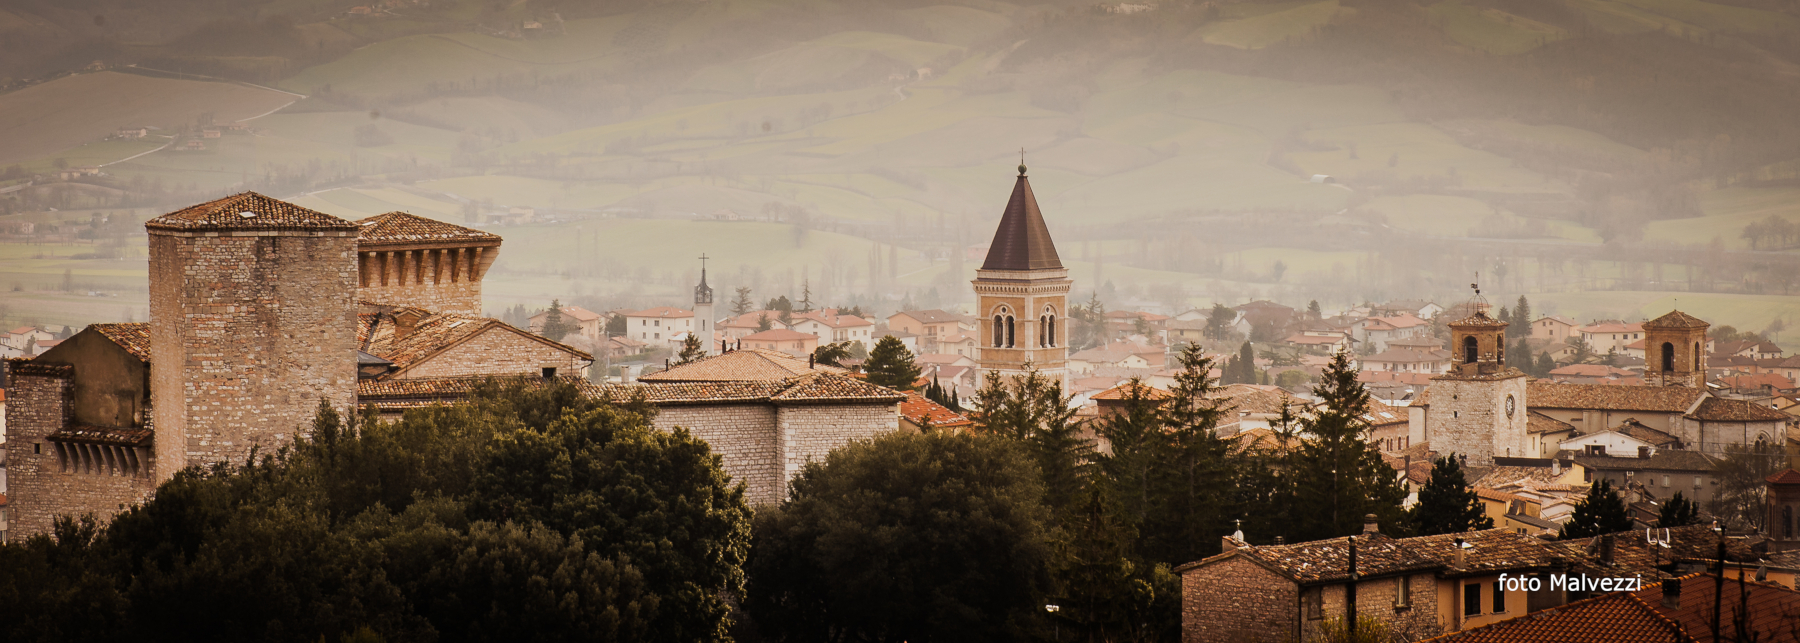 Gualdo Tadino - panorama